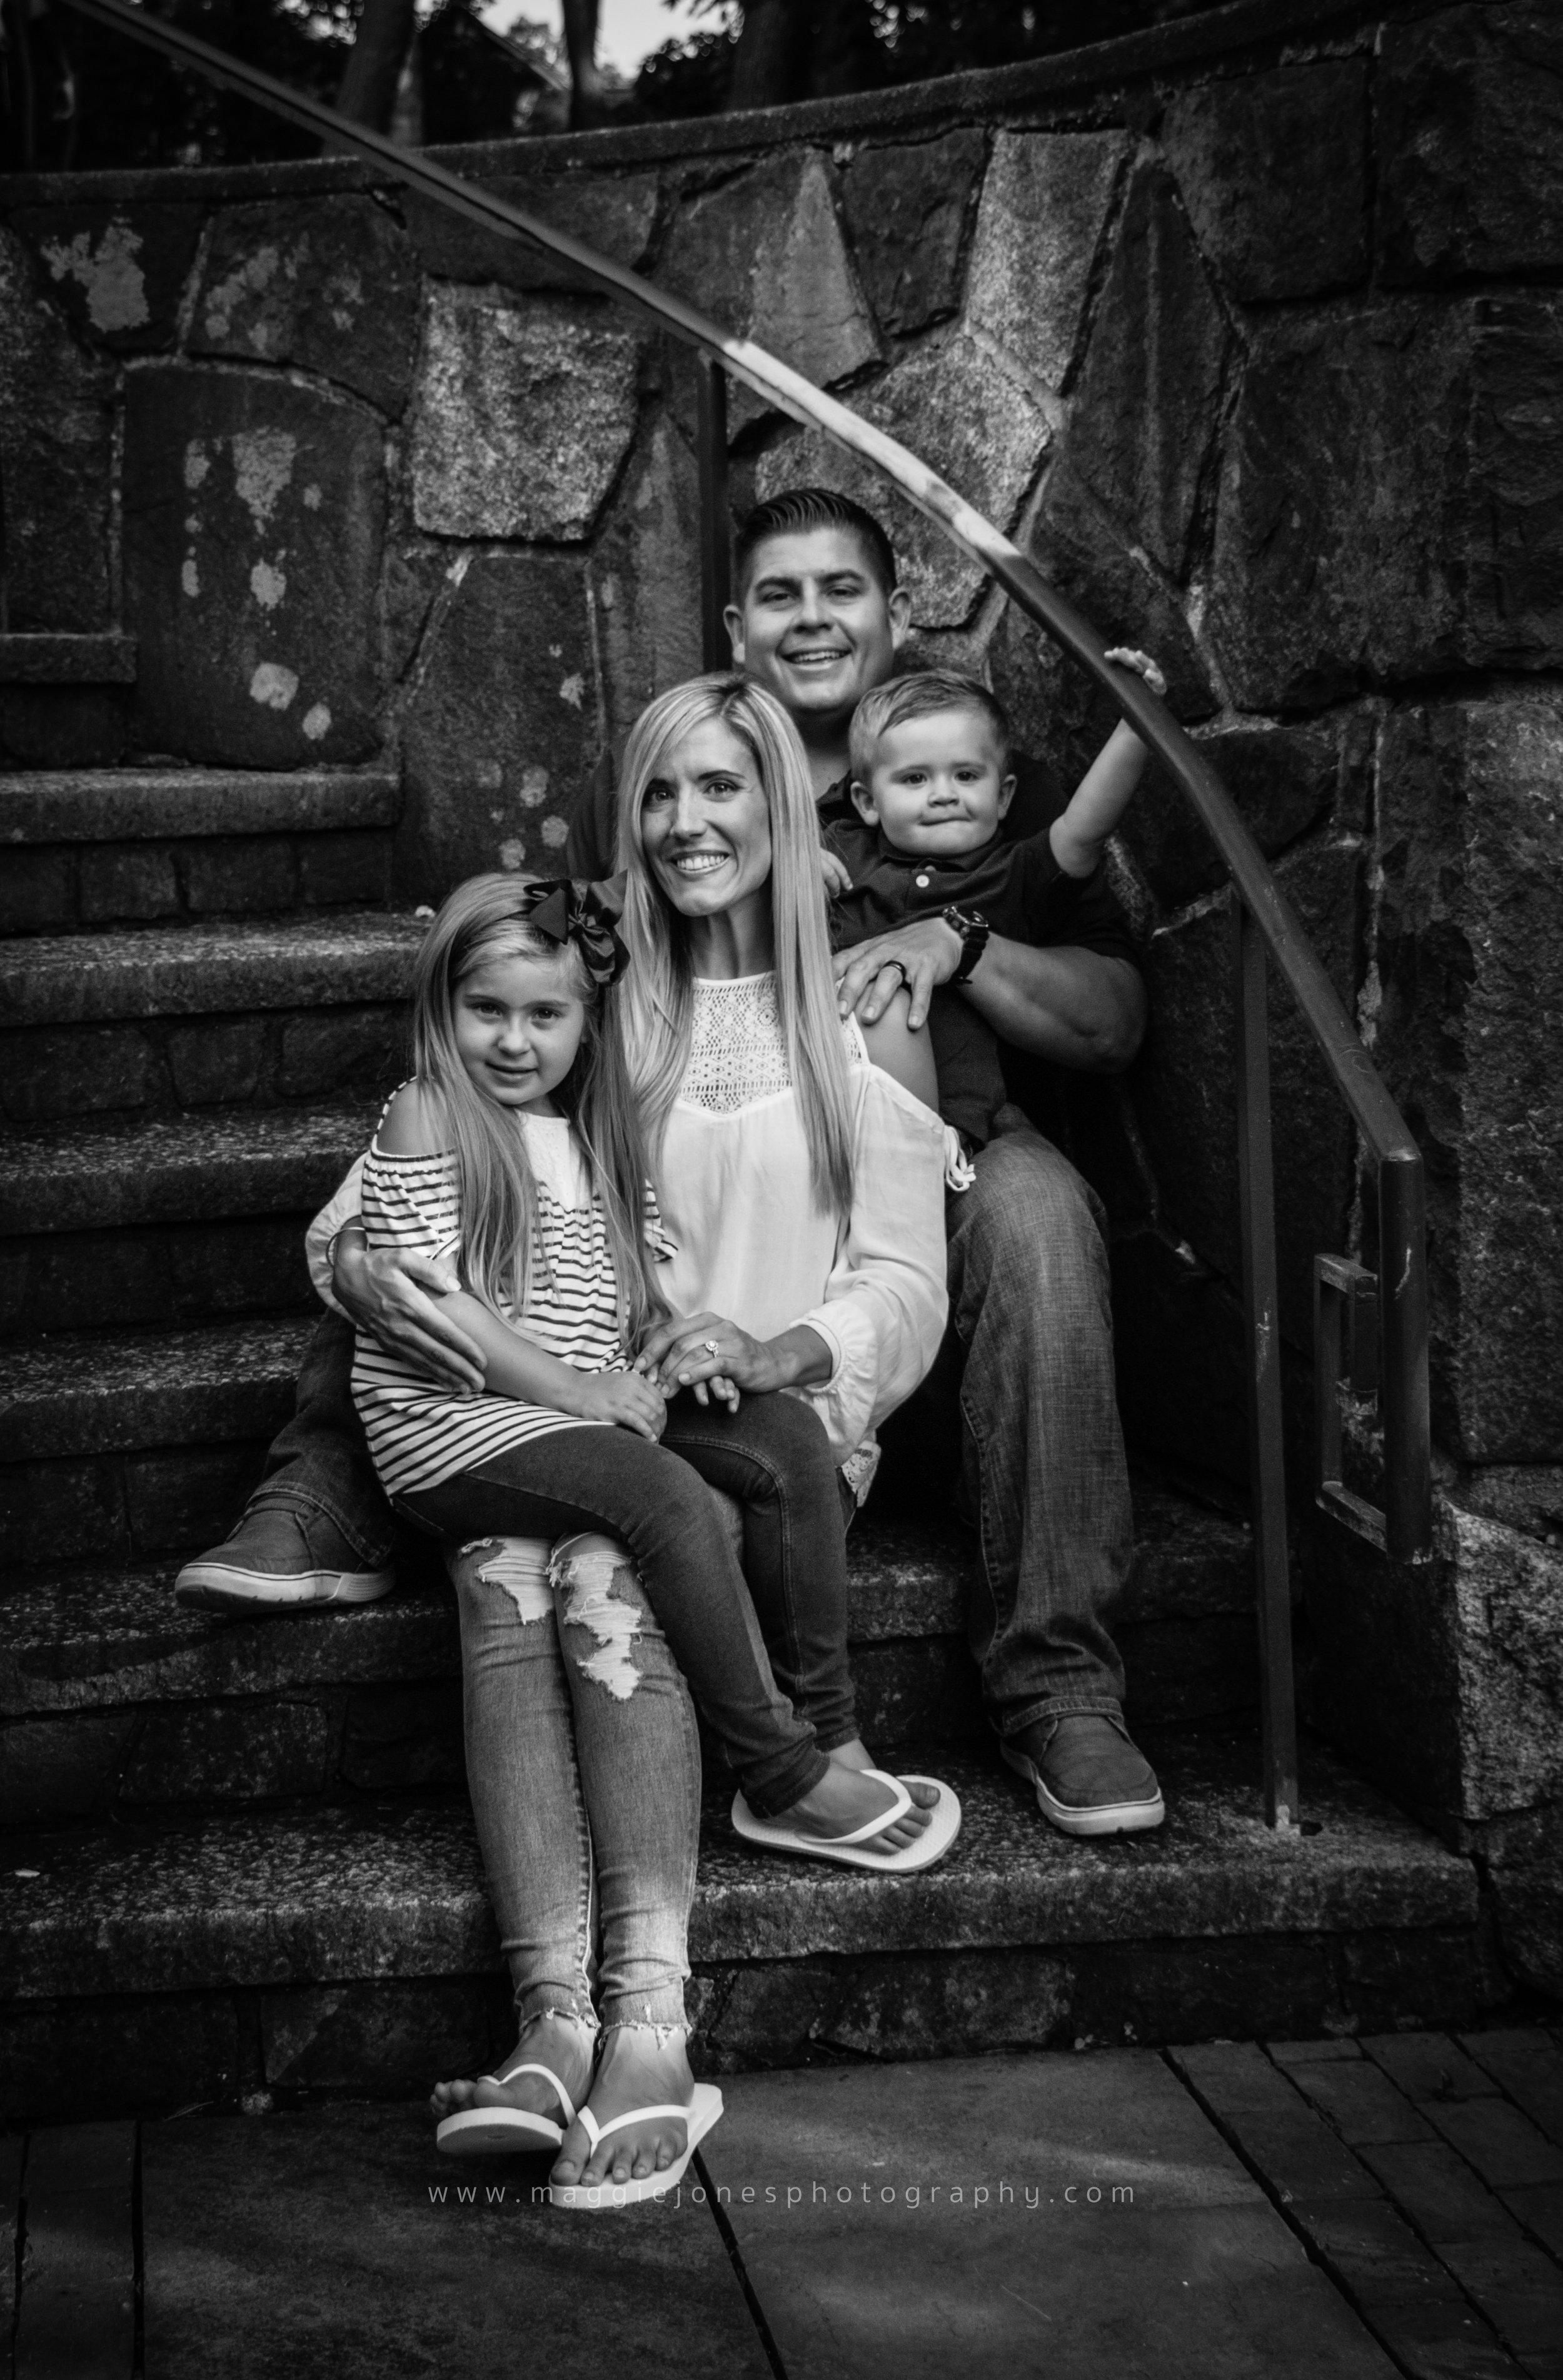 Jessie+Russ_familysession-1-10.jpg